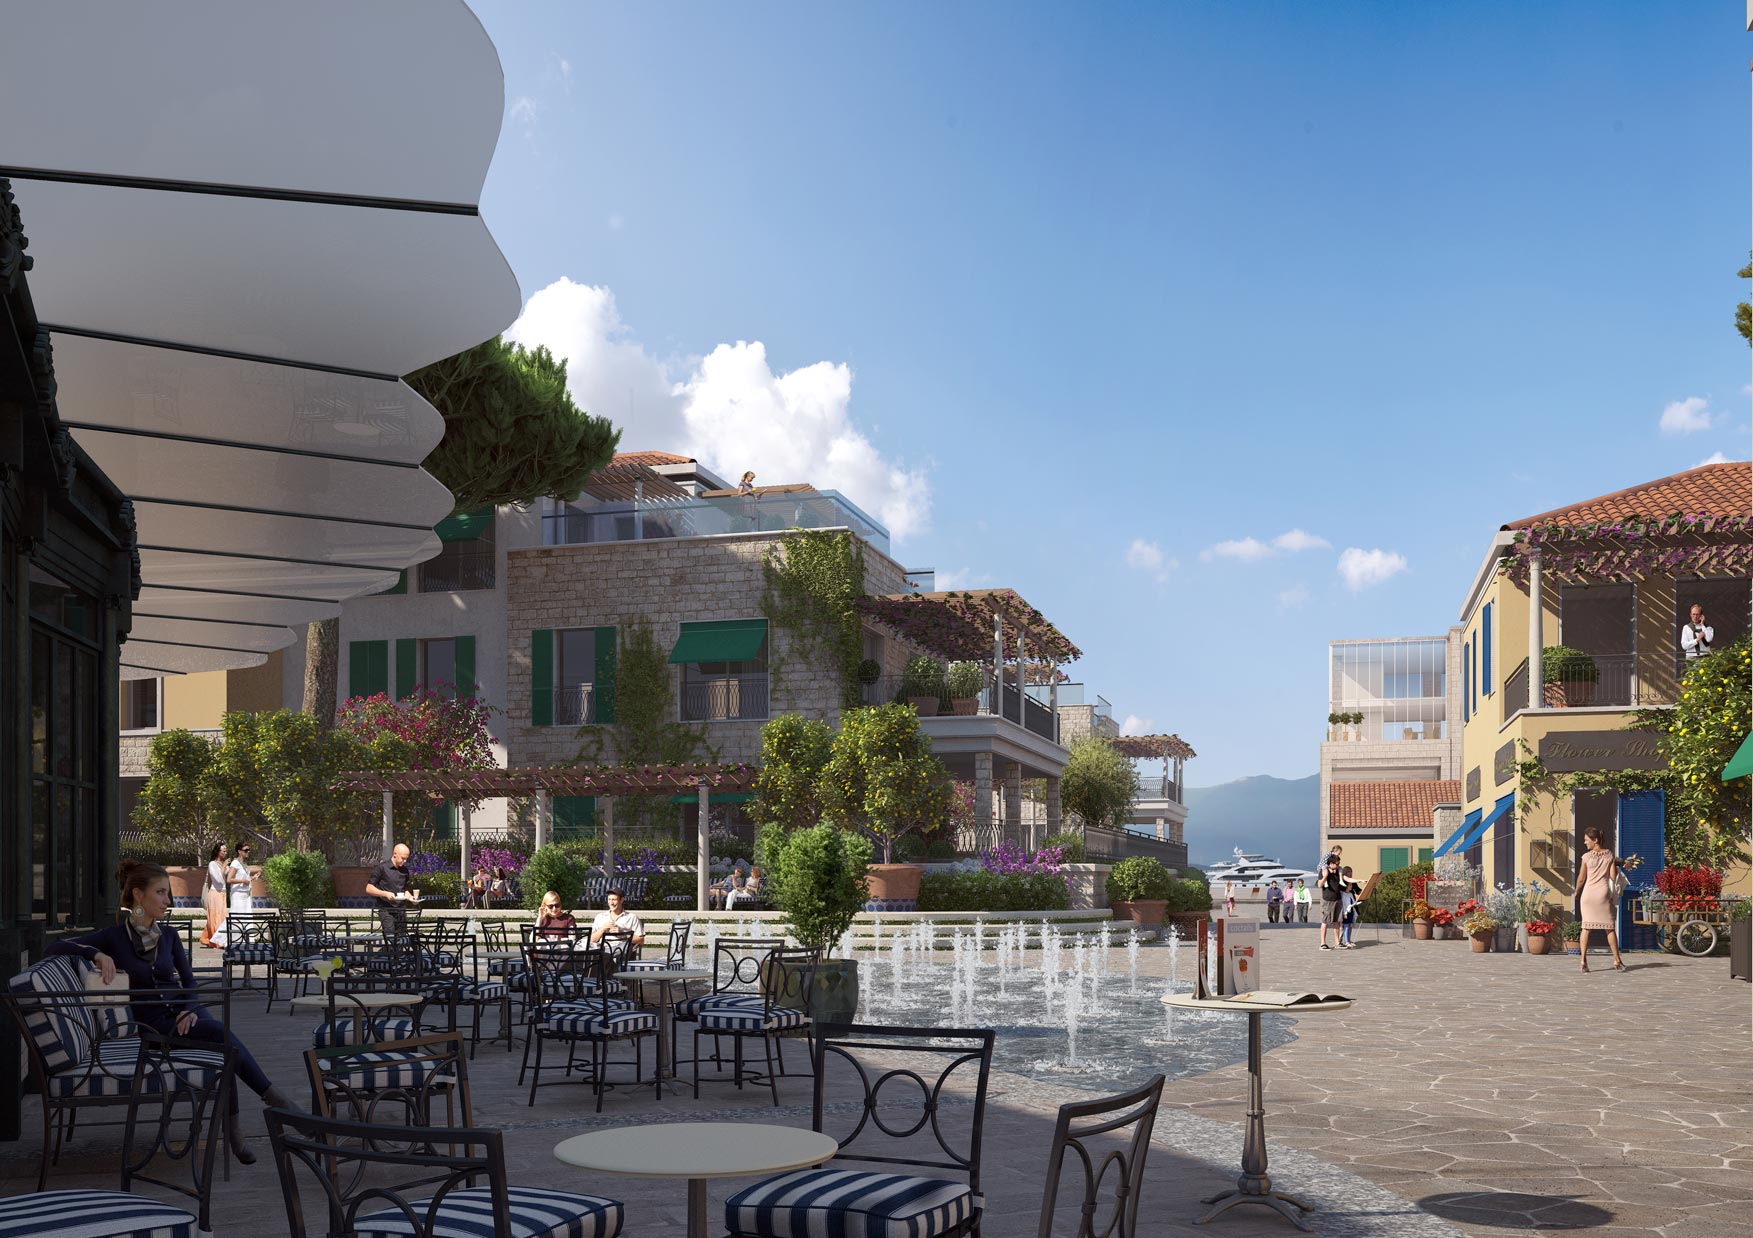 Elite-resort-with-luxury-apartments-in-Herceg-Novi (15).jpg